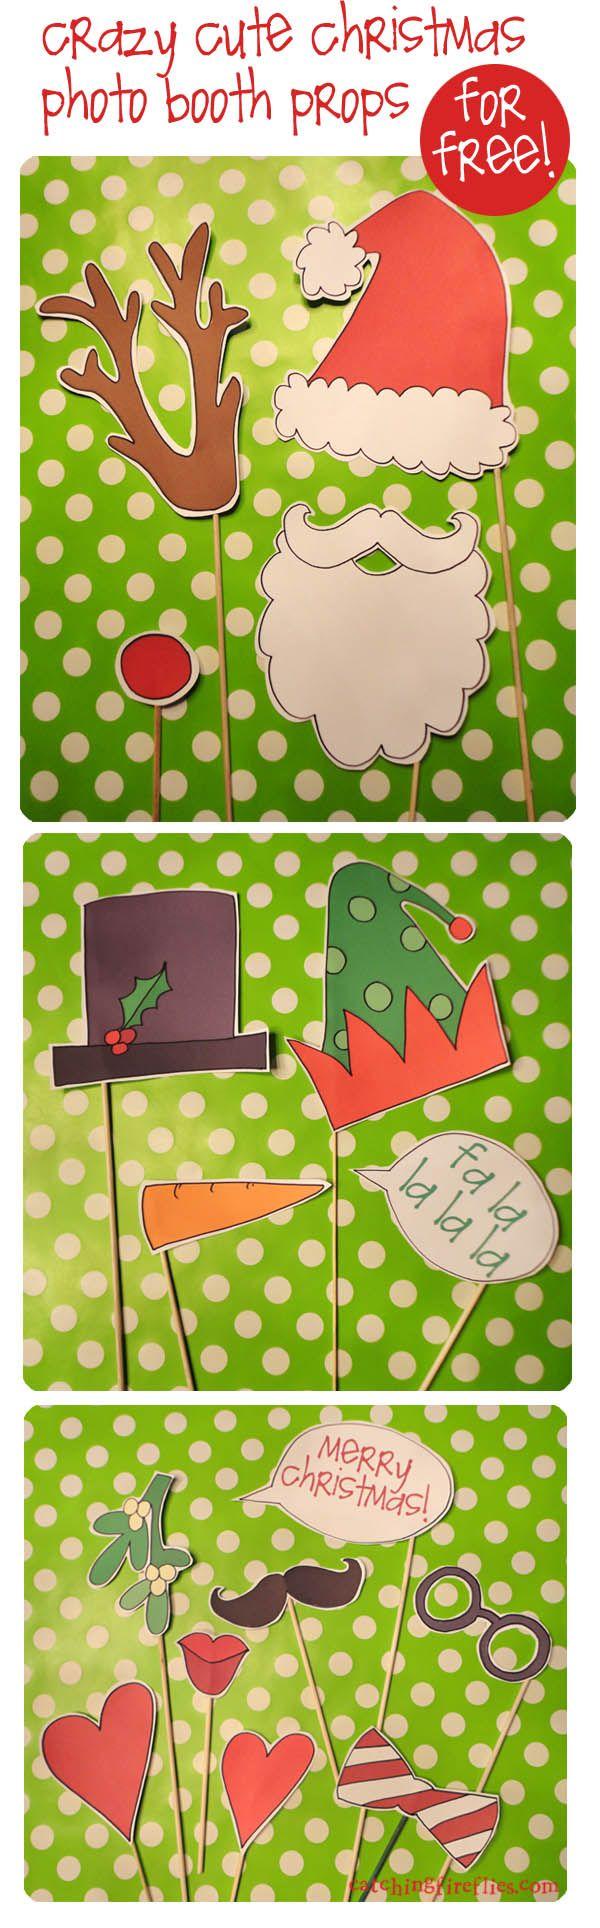 Free Printable Christmas Photo Booth Props Christmas Pinterest